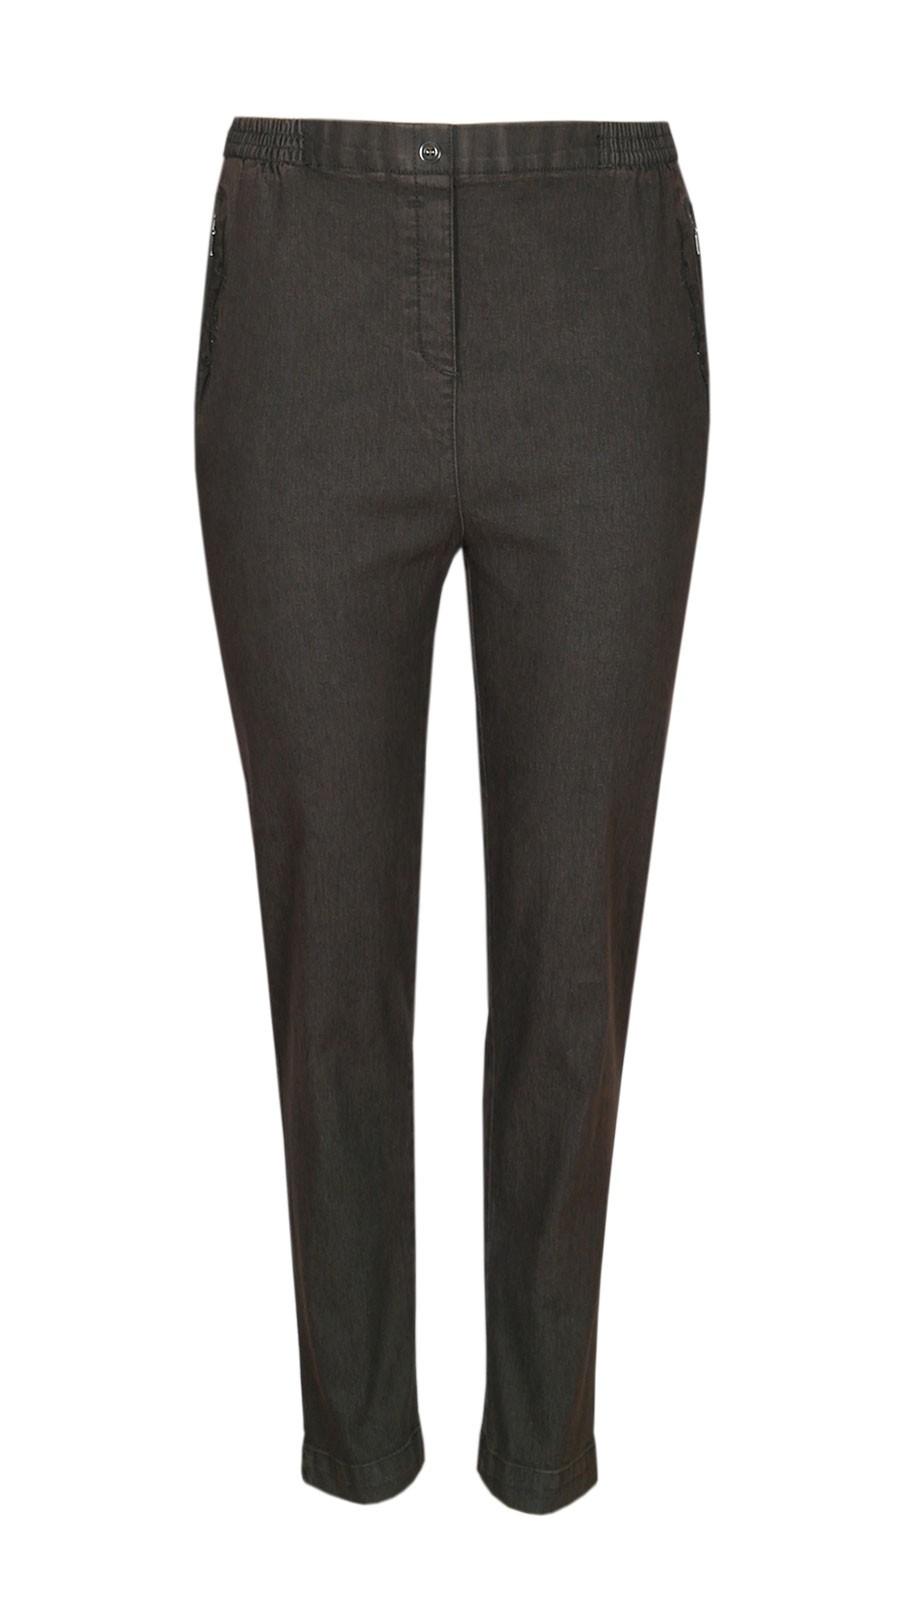 Damen Stretch Jeans Schlupfhose Schlupfjeans K-Größen - Herbst-Winter-Kollektion - braun